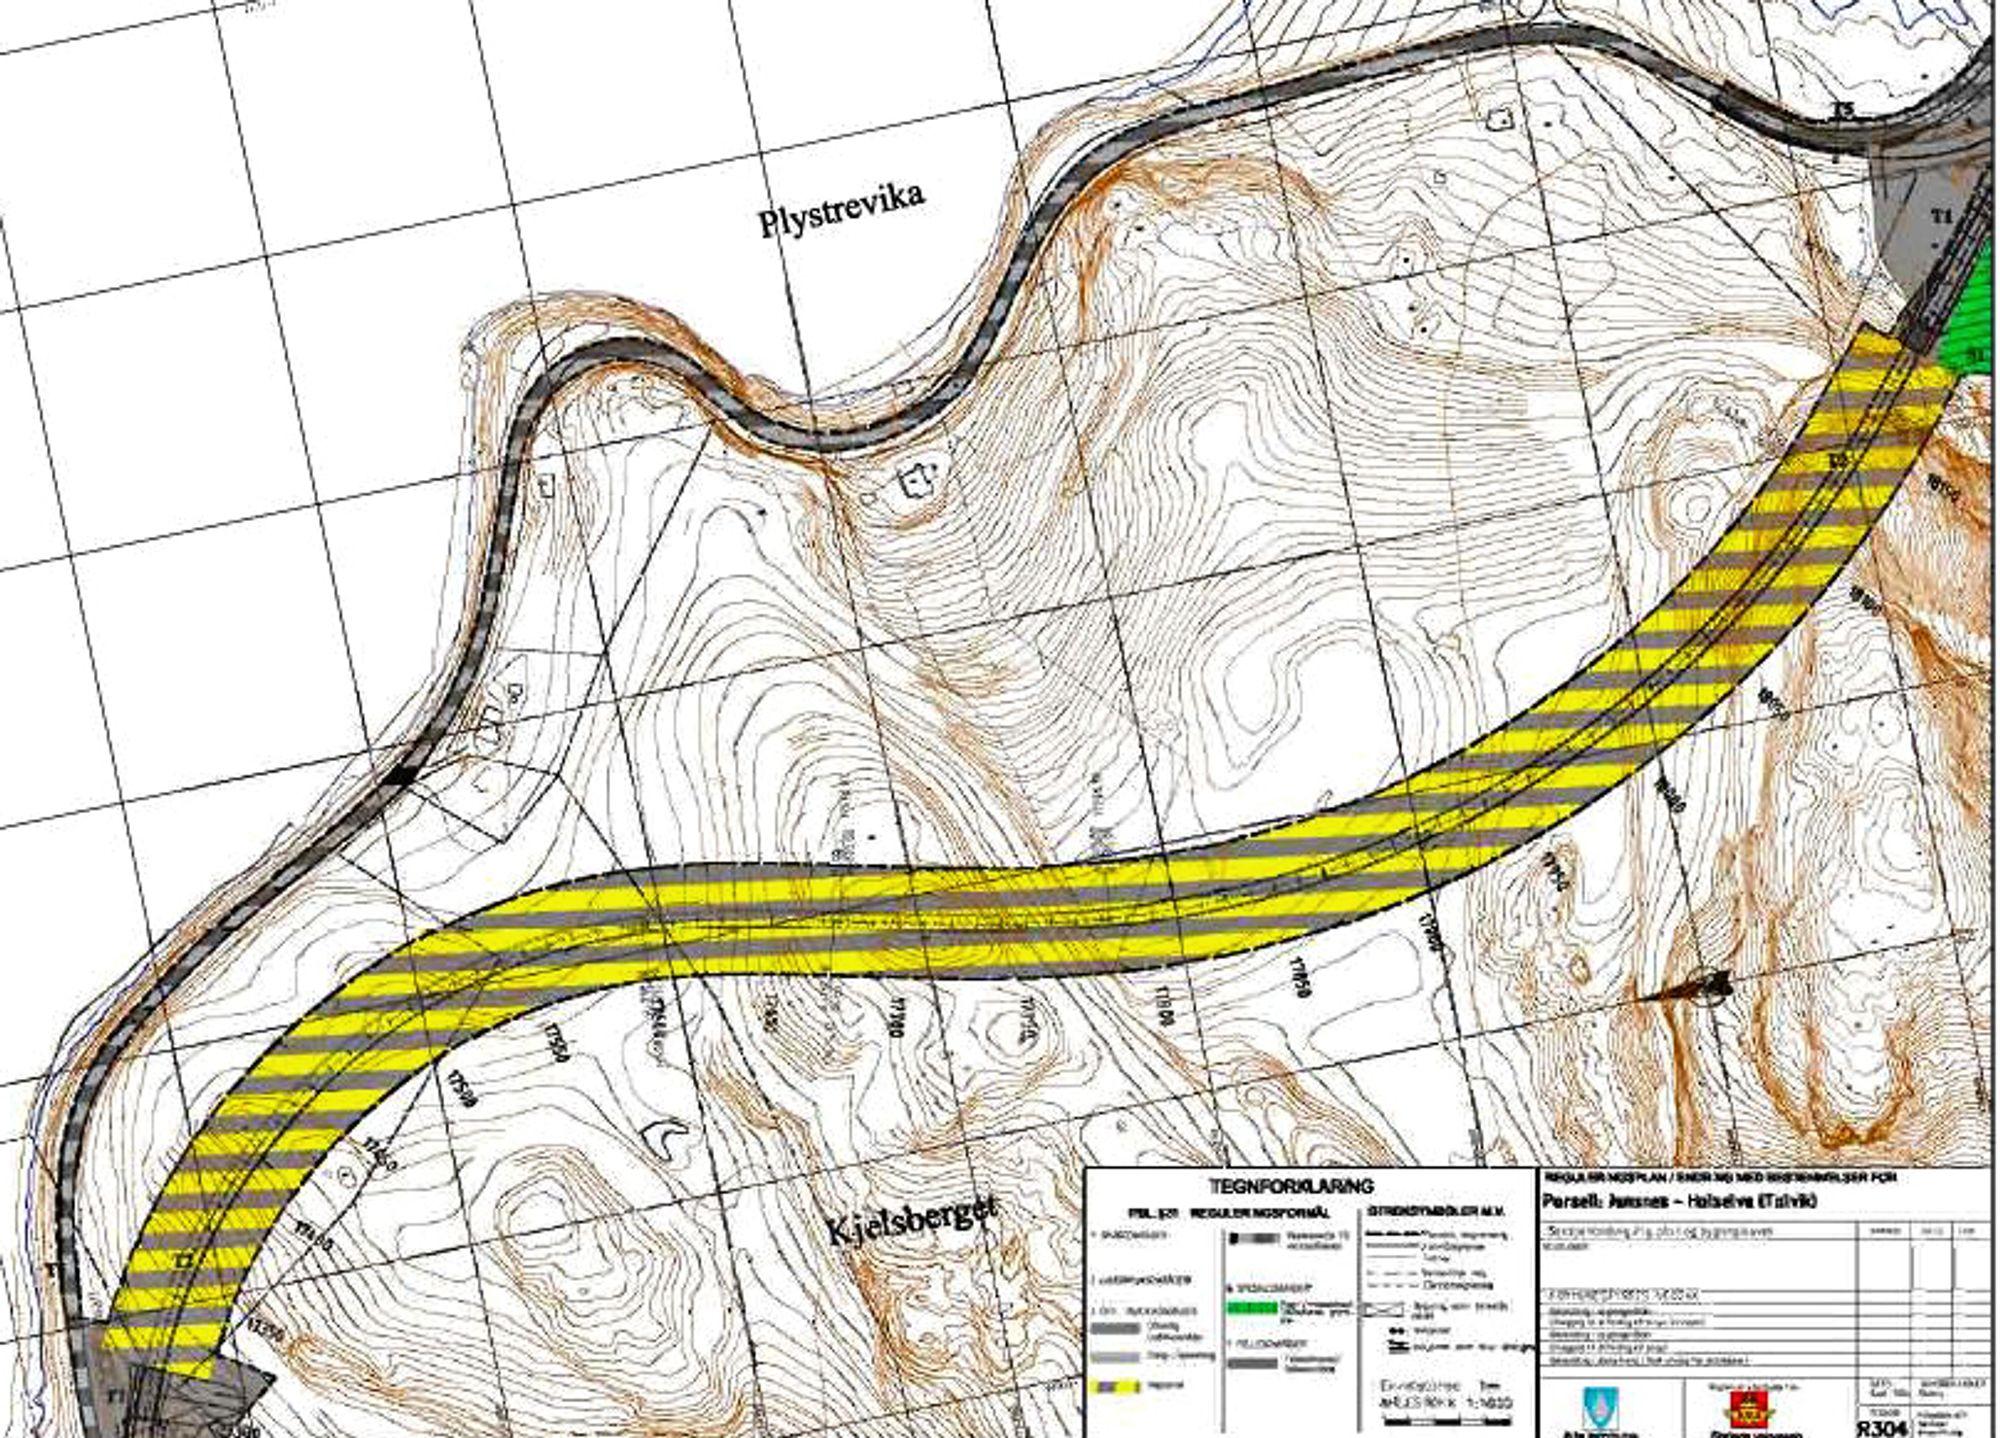 Den brede linjen av gule og grå striper markerer Talviktunnelen. Nåværende E 6 langs Altafjorden har en svært dårlig geometri. Ill.: Statens vegvesen